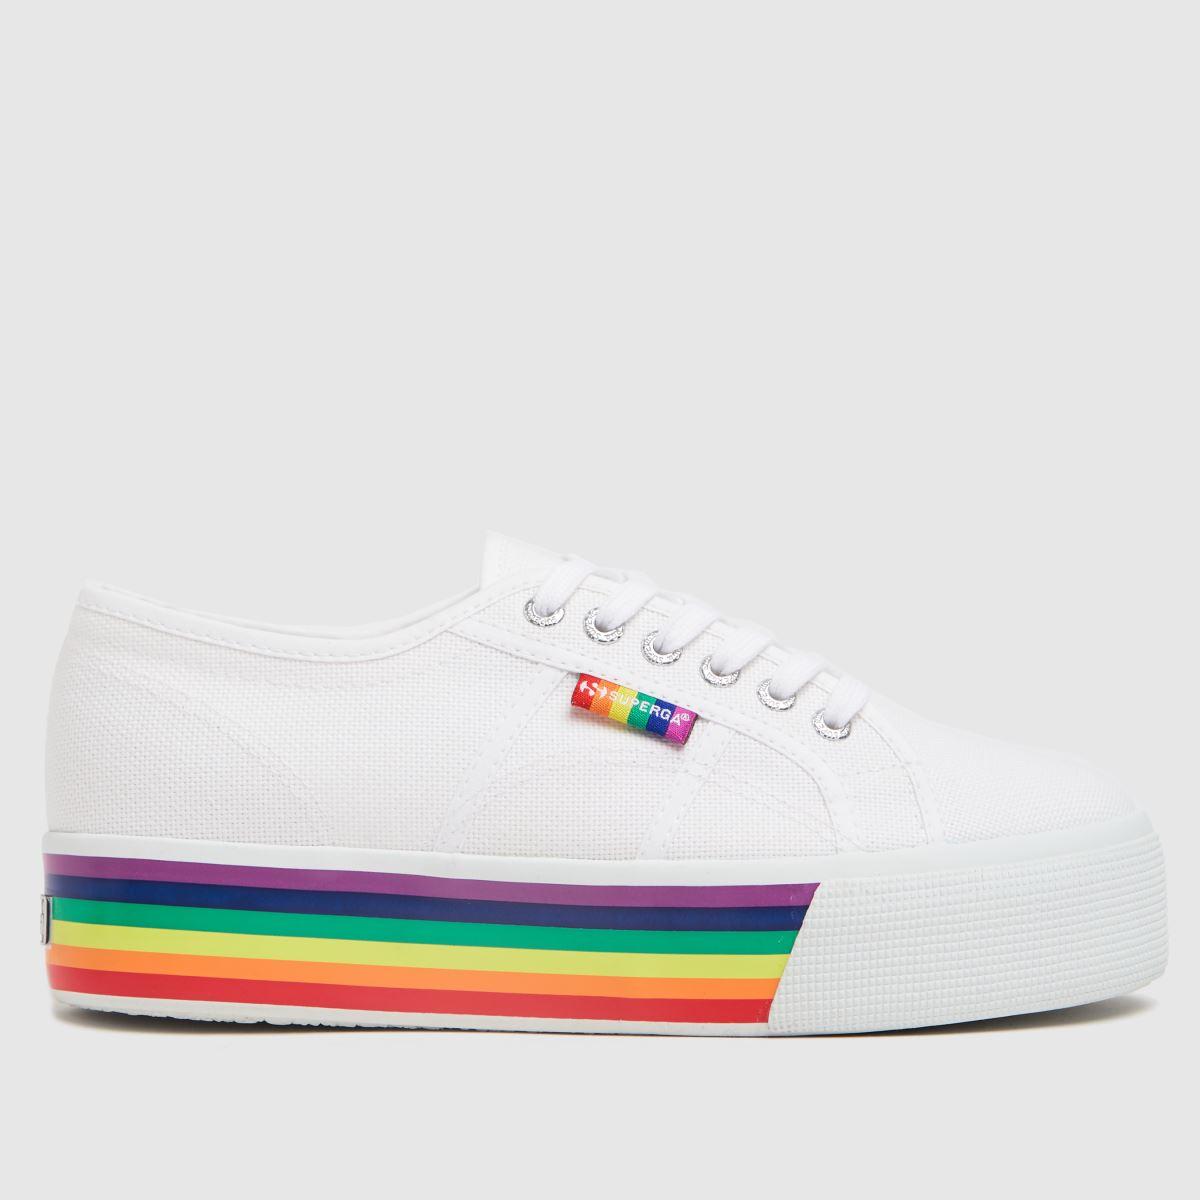 Superga White 2790 Pride Trainers